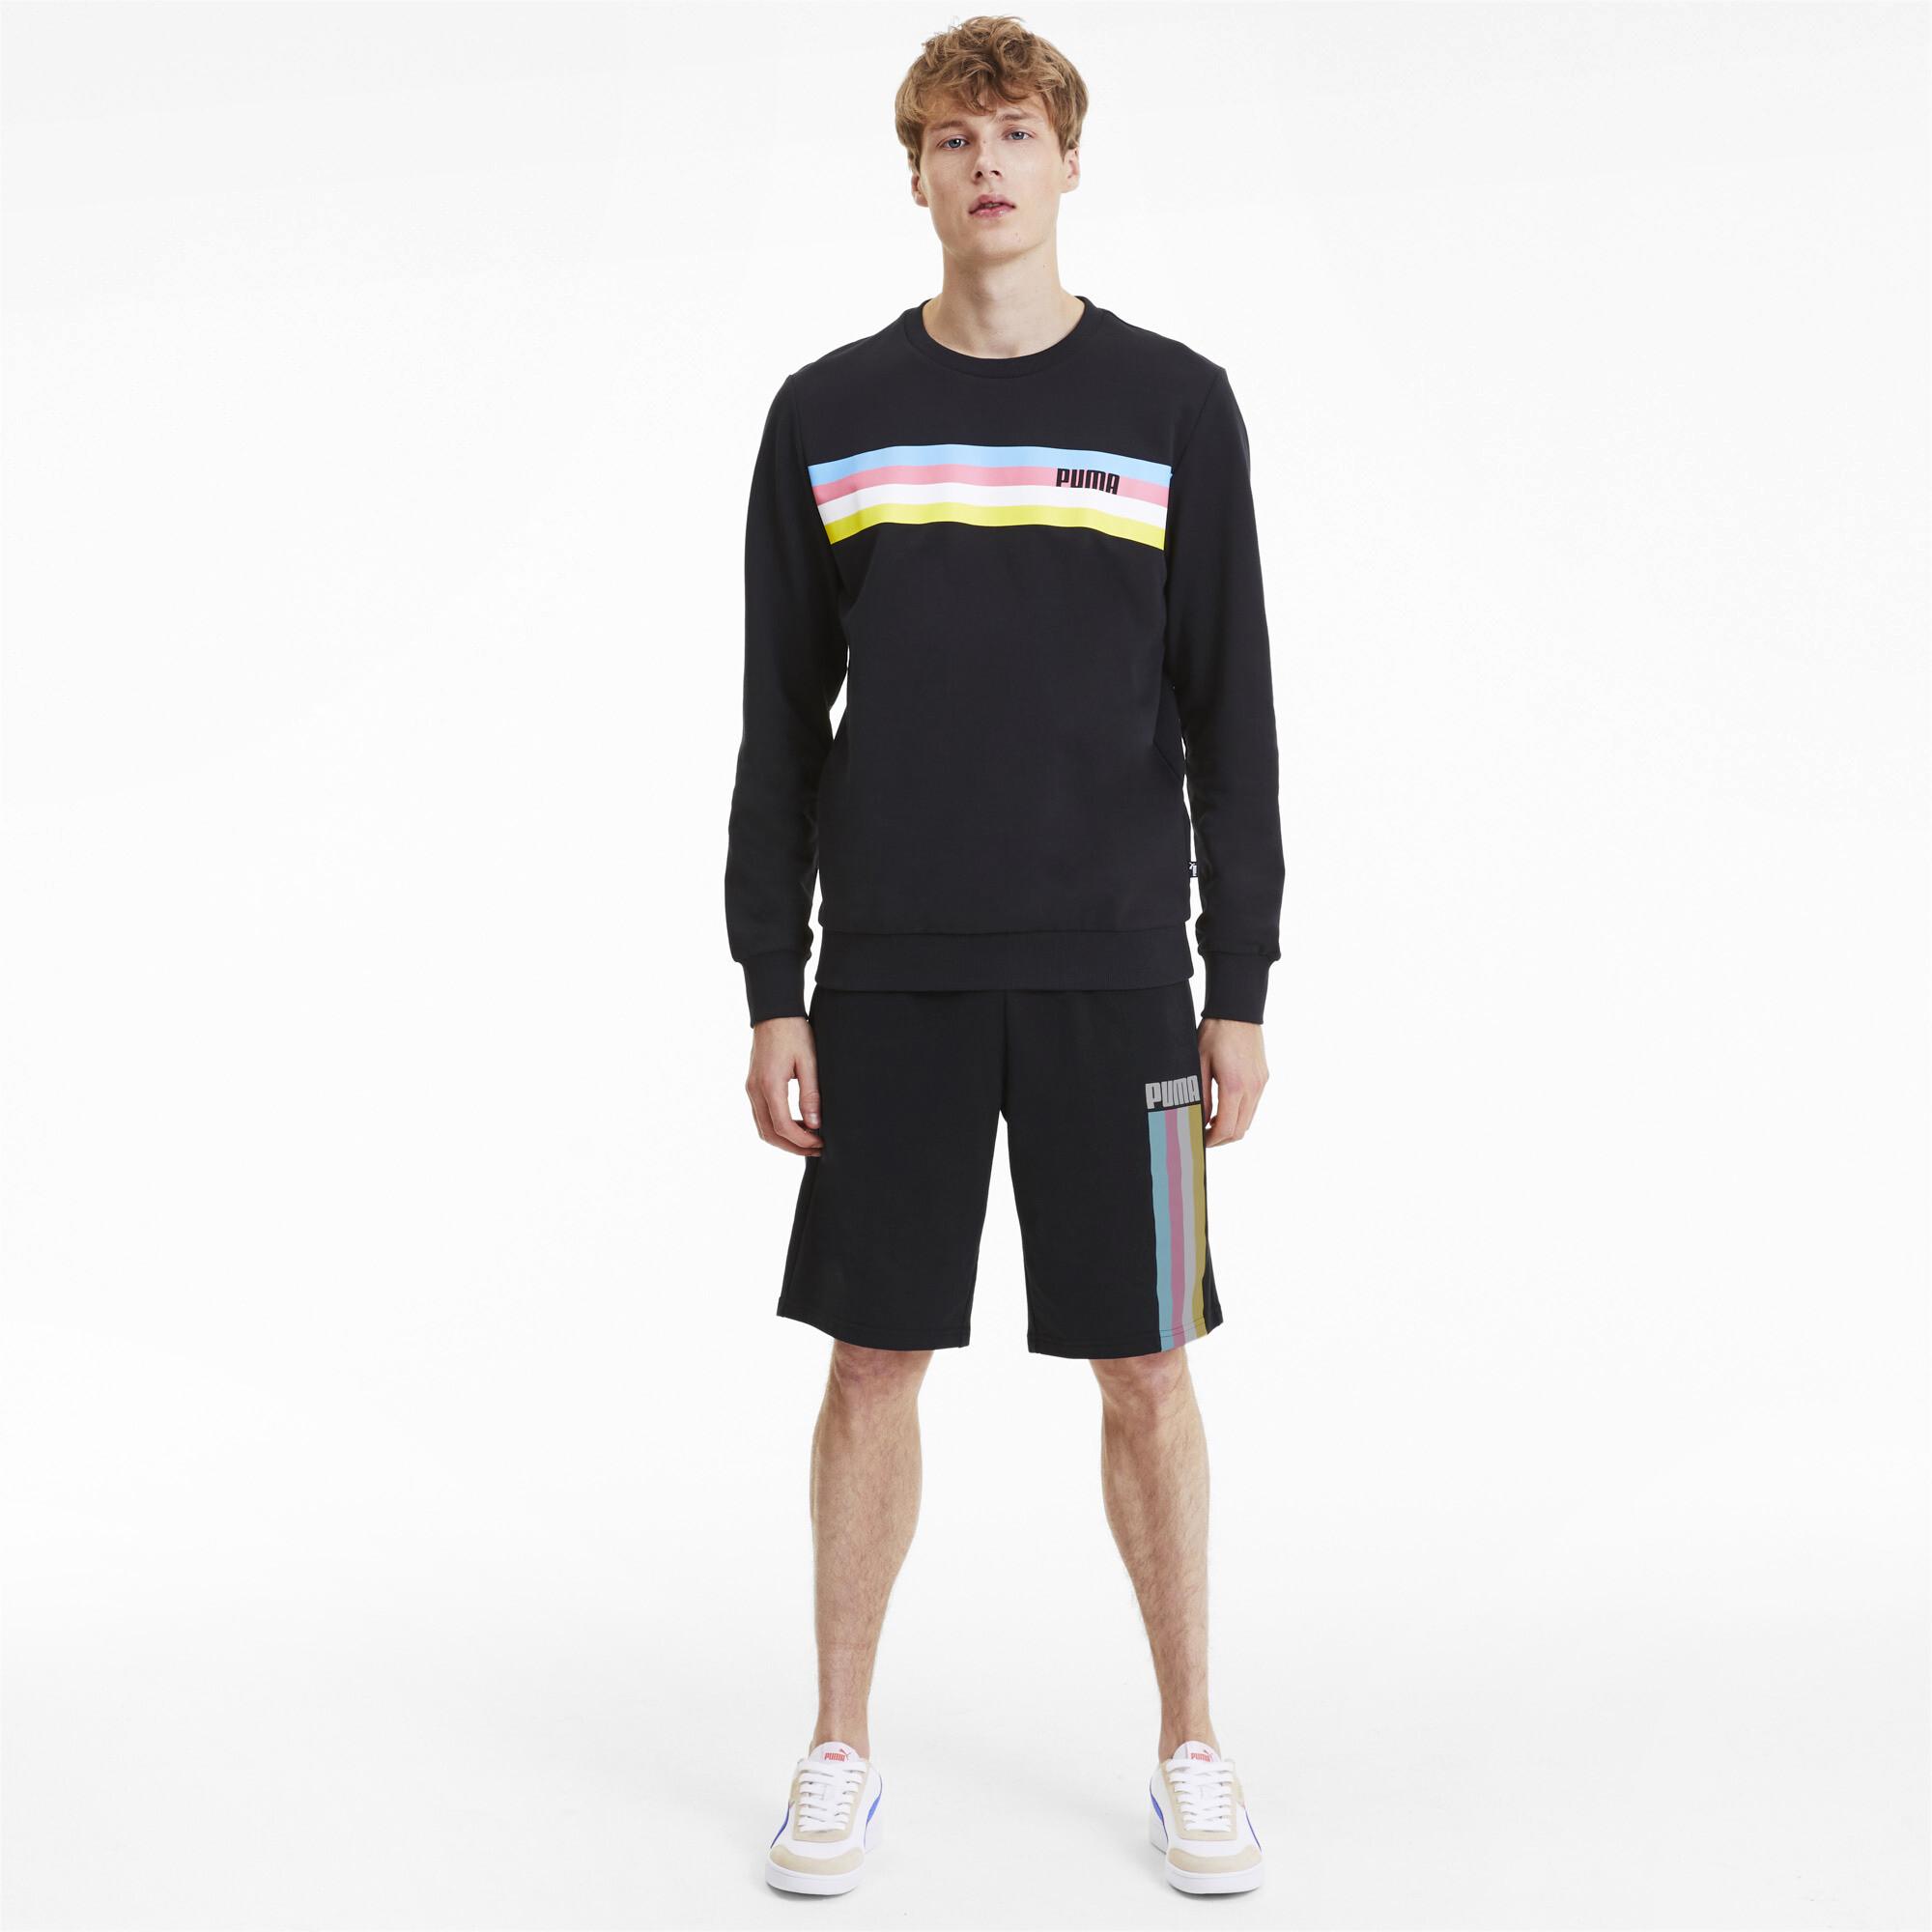 PUMA-Celebration-Men-039-s-Shorts-Men-Knitted-Shorts-Basics thumbnail 6